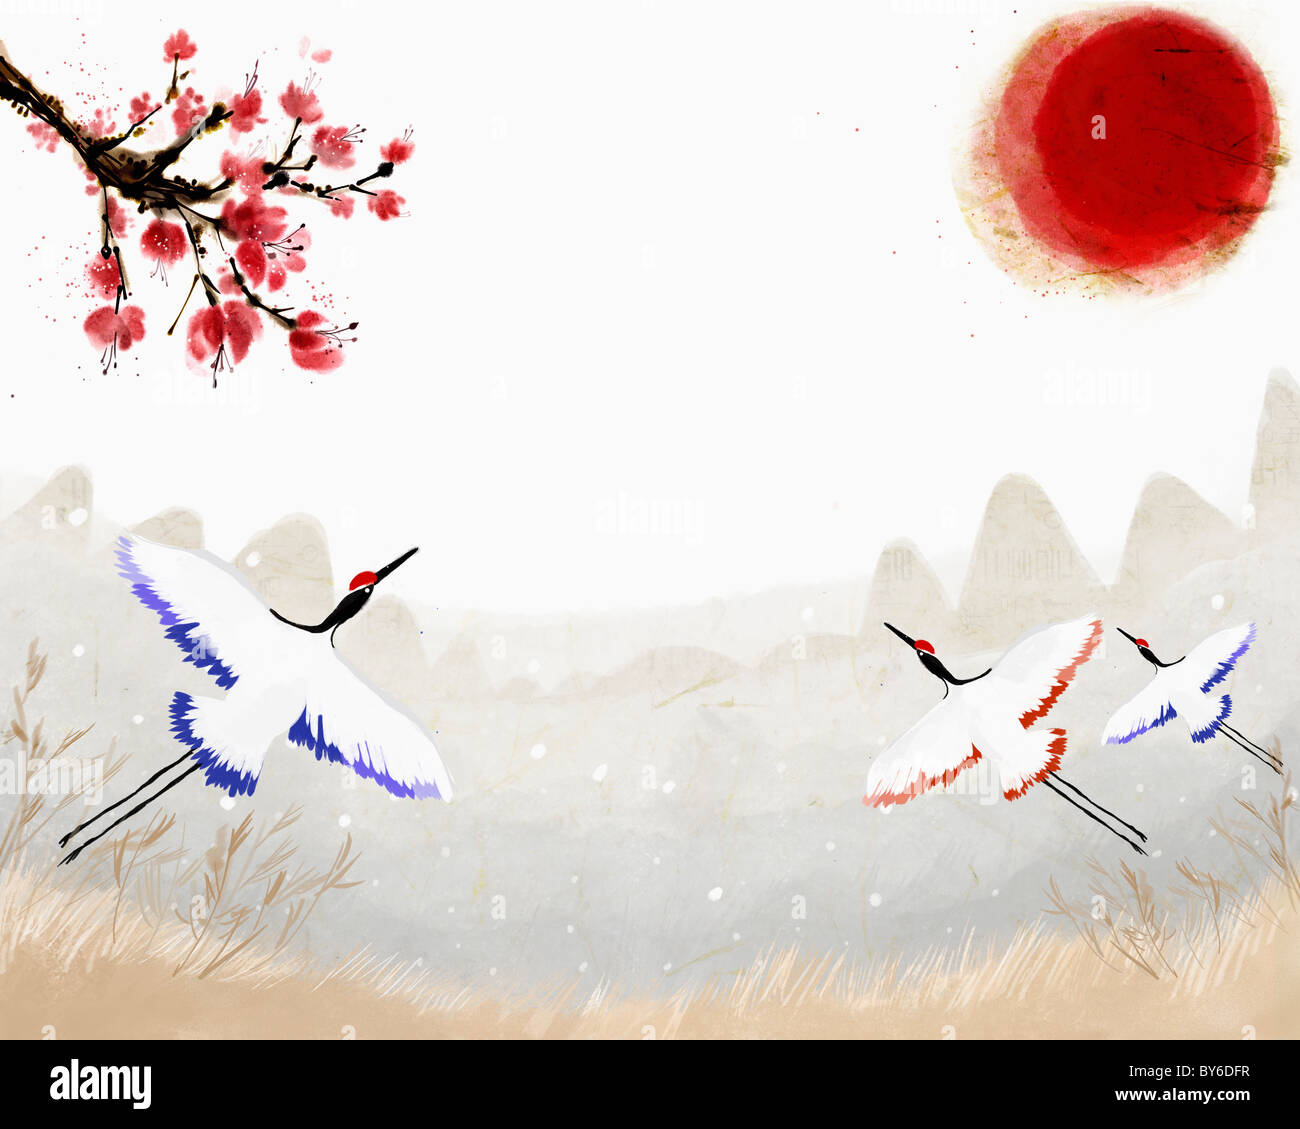 2013 Anno lunare illustrazione oriental umore Immagini Stock